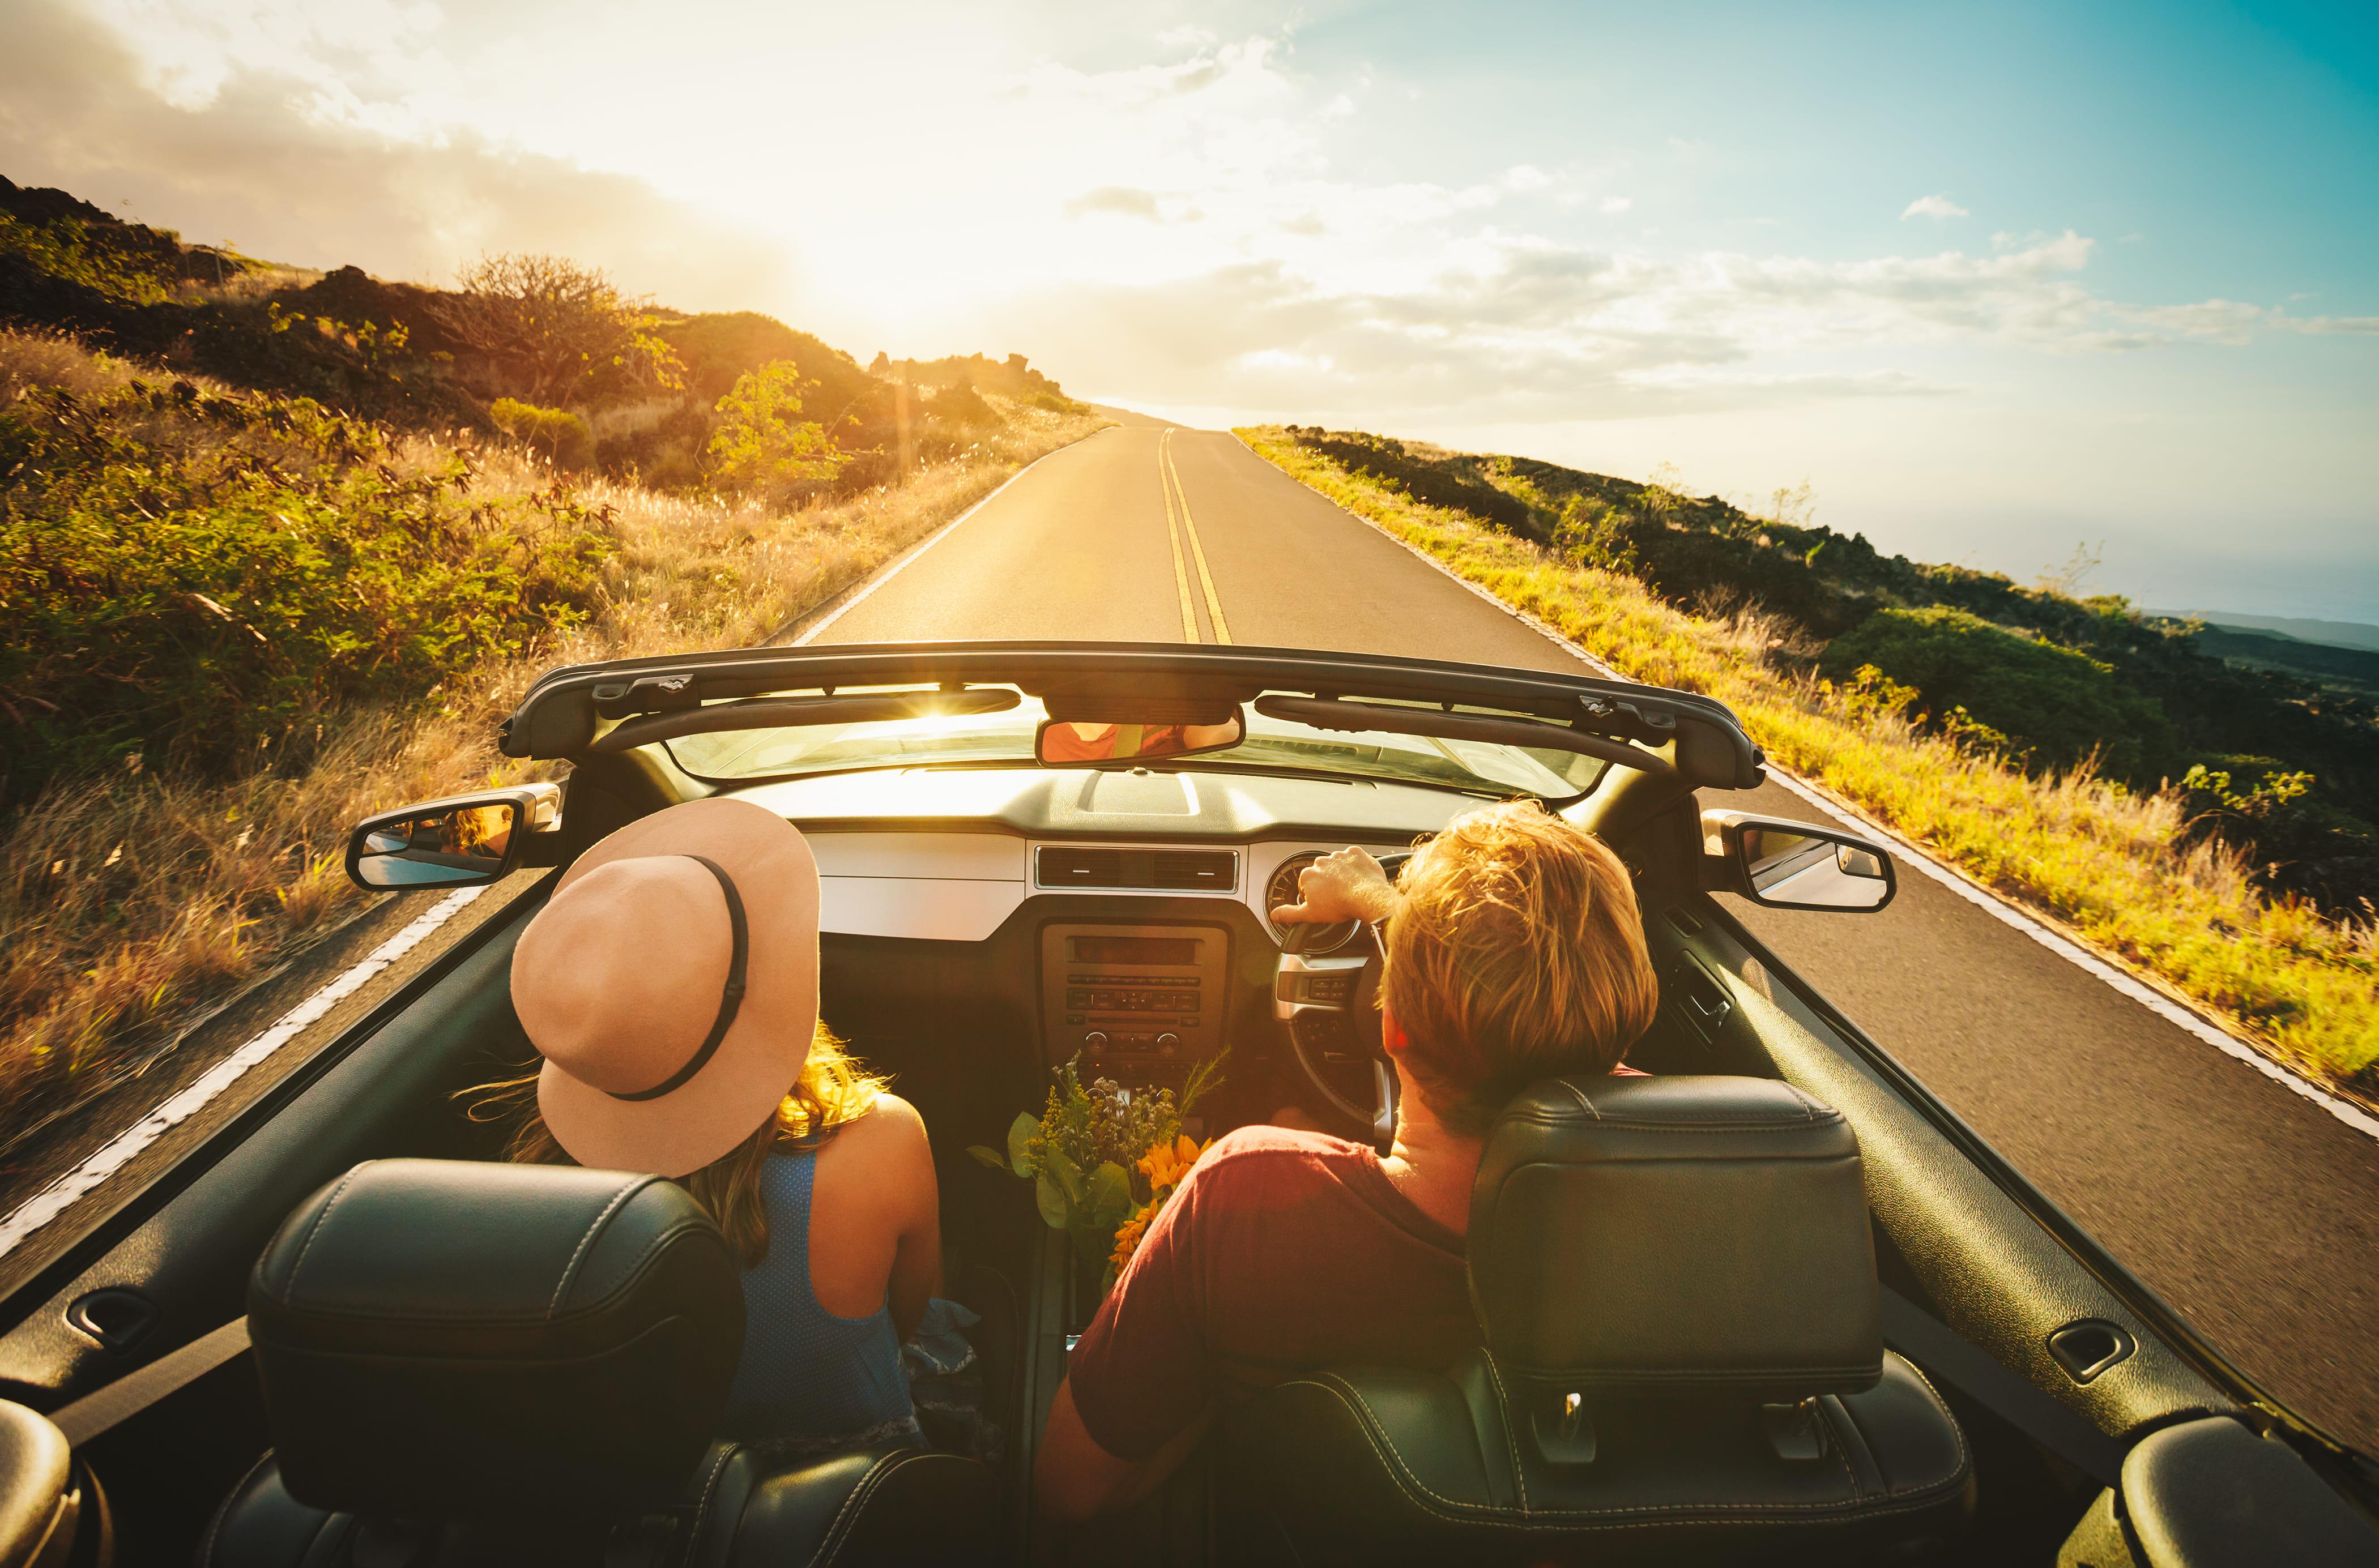 「ニュービートル」の中古車を自社ローンで購入した方の車両価格相場と口コミ(体験談)